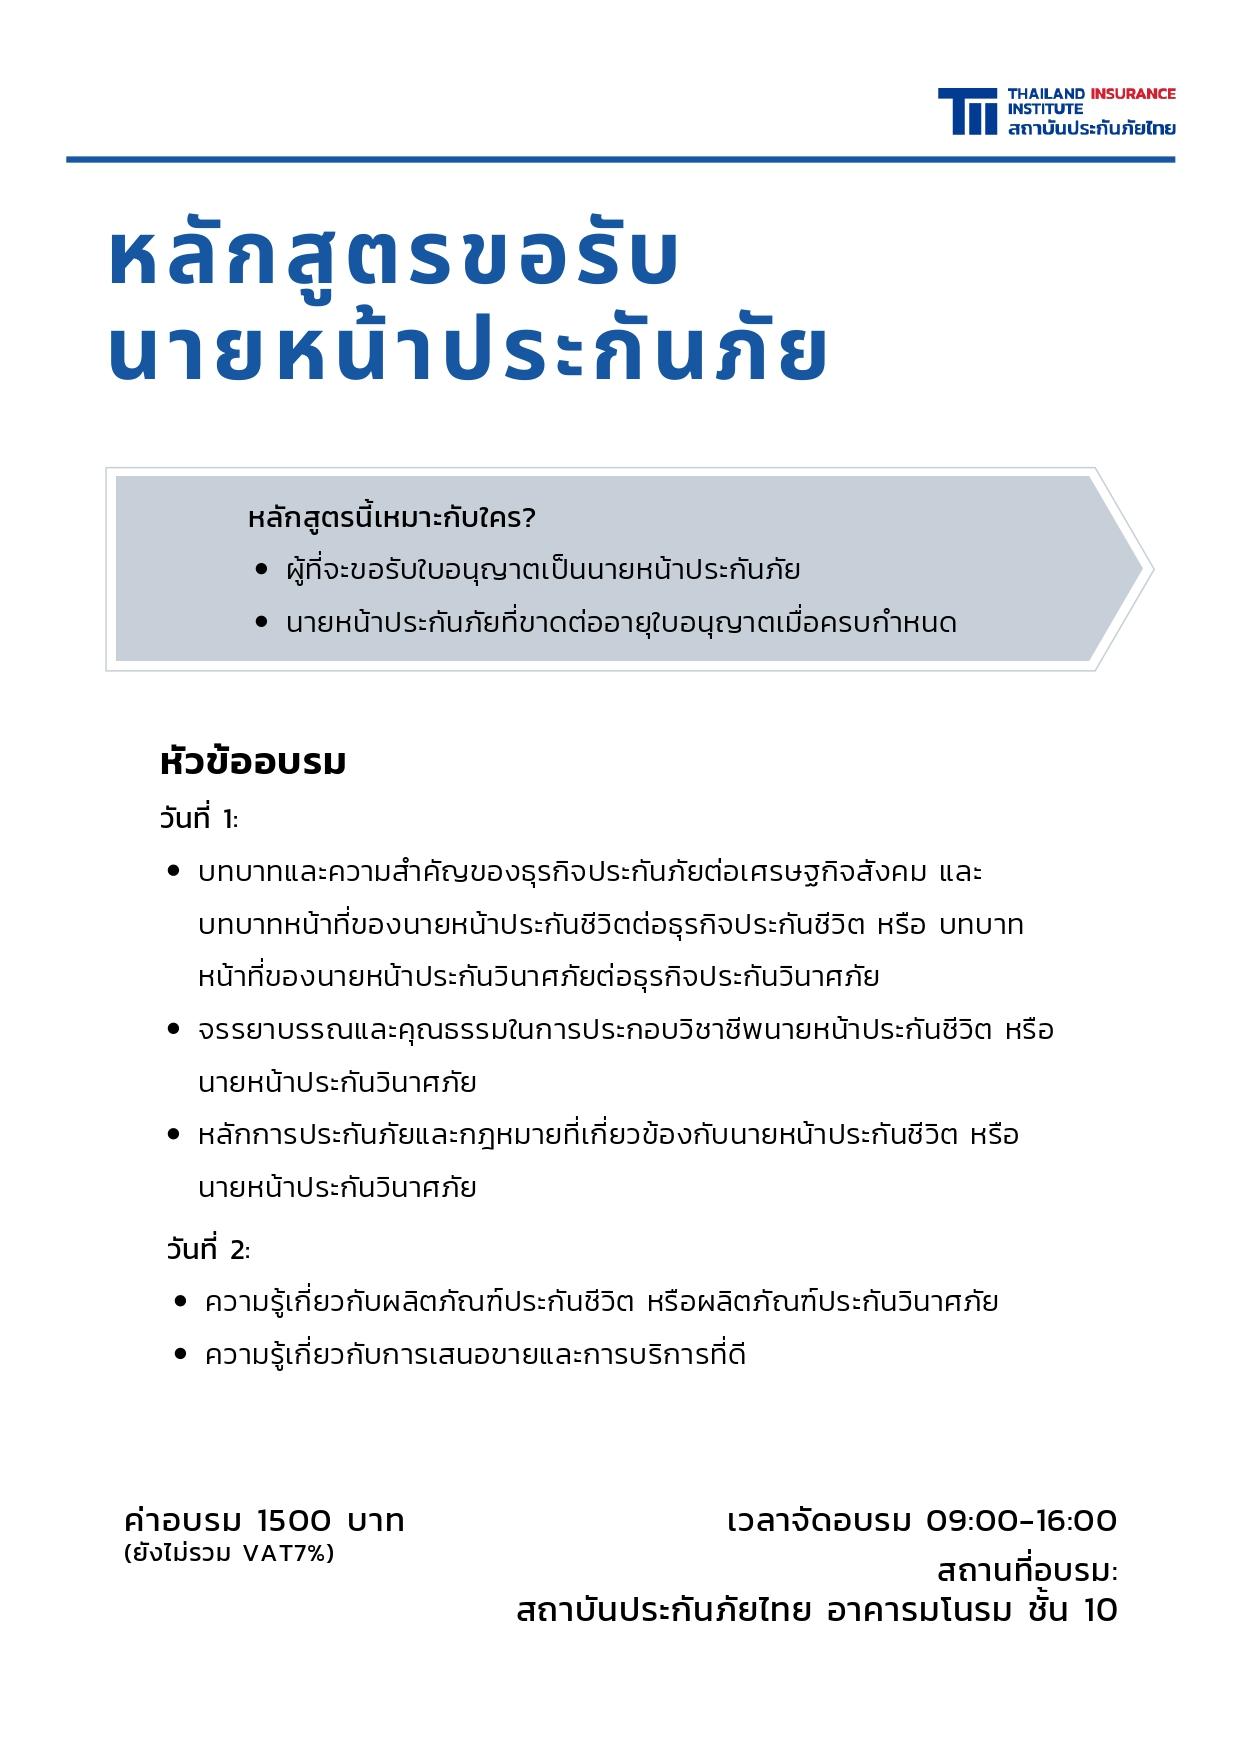 หลักสูตรขอรับนายหน้าประกันภัย_pages-to-jpg-0002